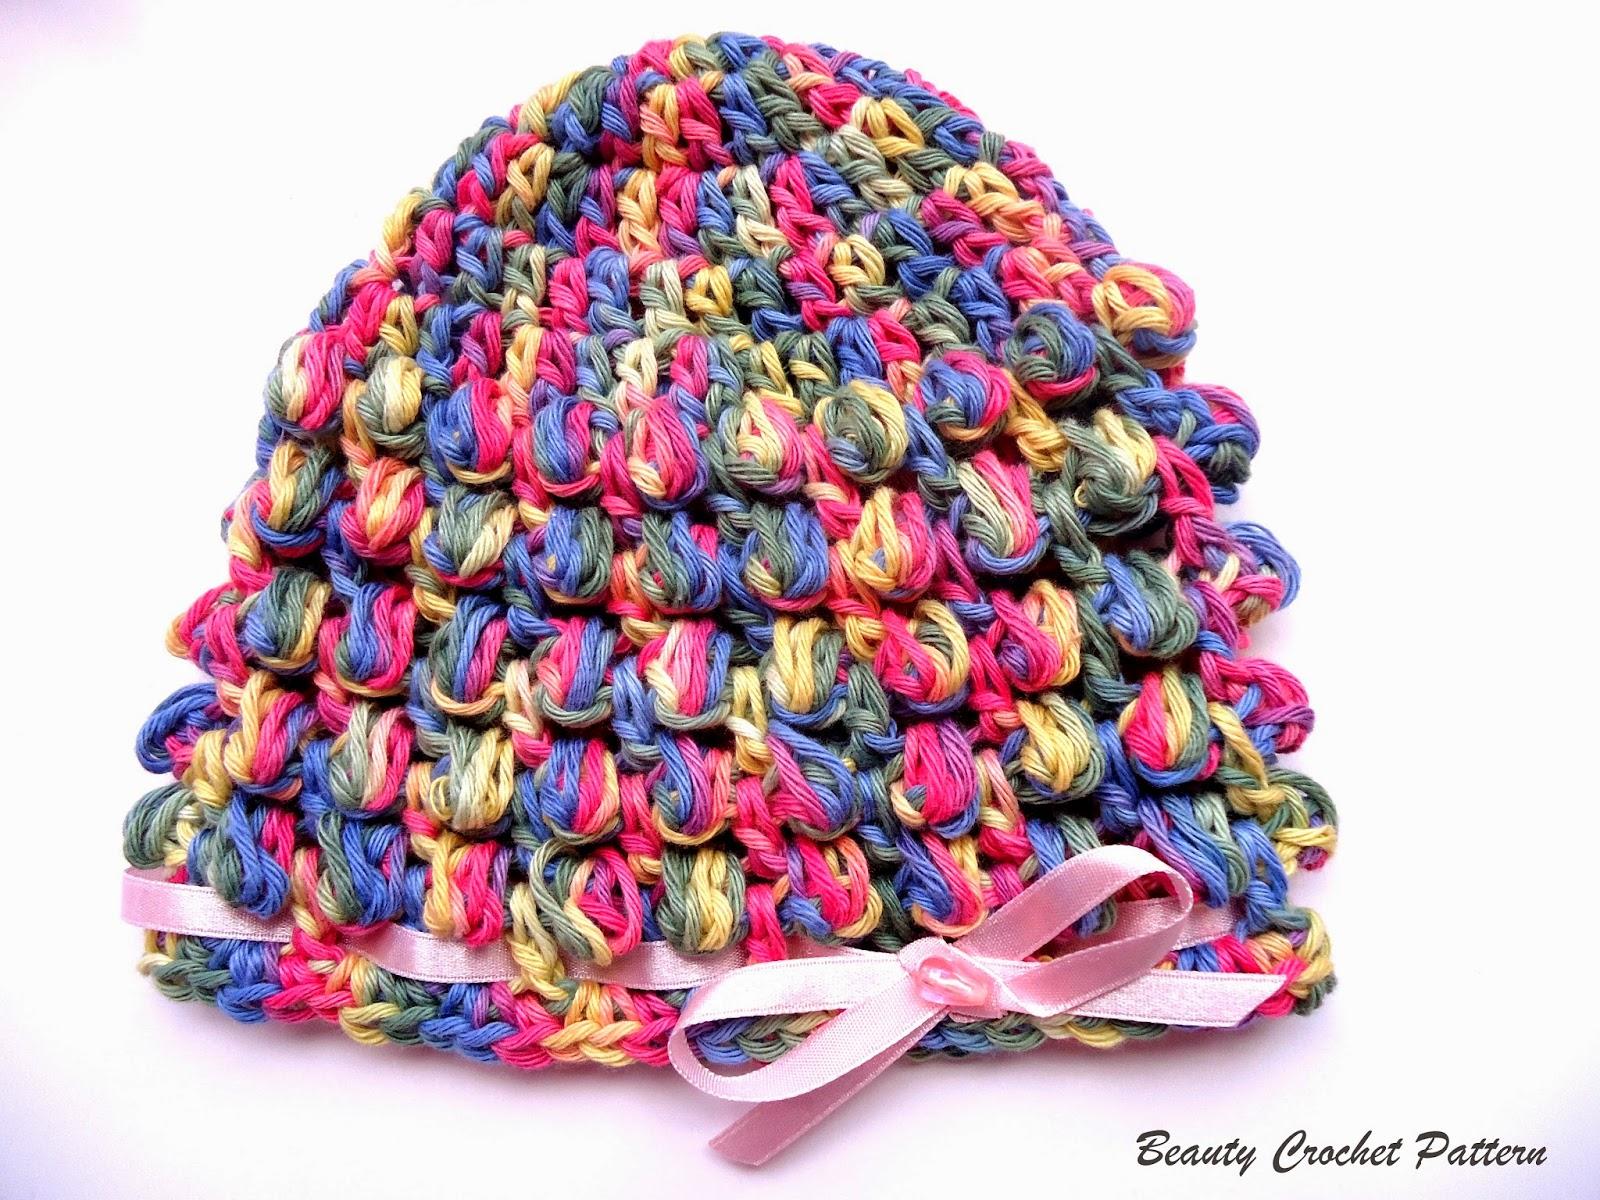 Free Crochet Pattern Bobble Hat : Beauty Crochet Pattern: SPRING BABY BOBBLE CROCHET HAT ...